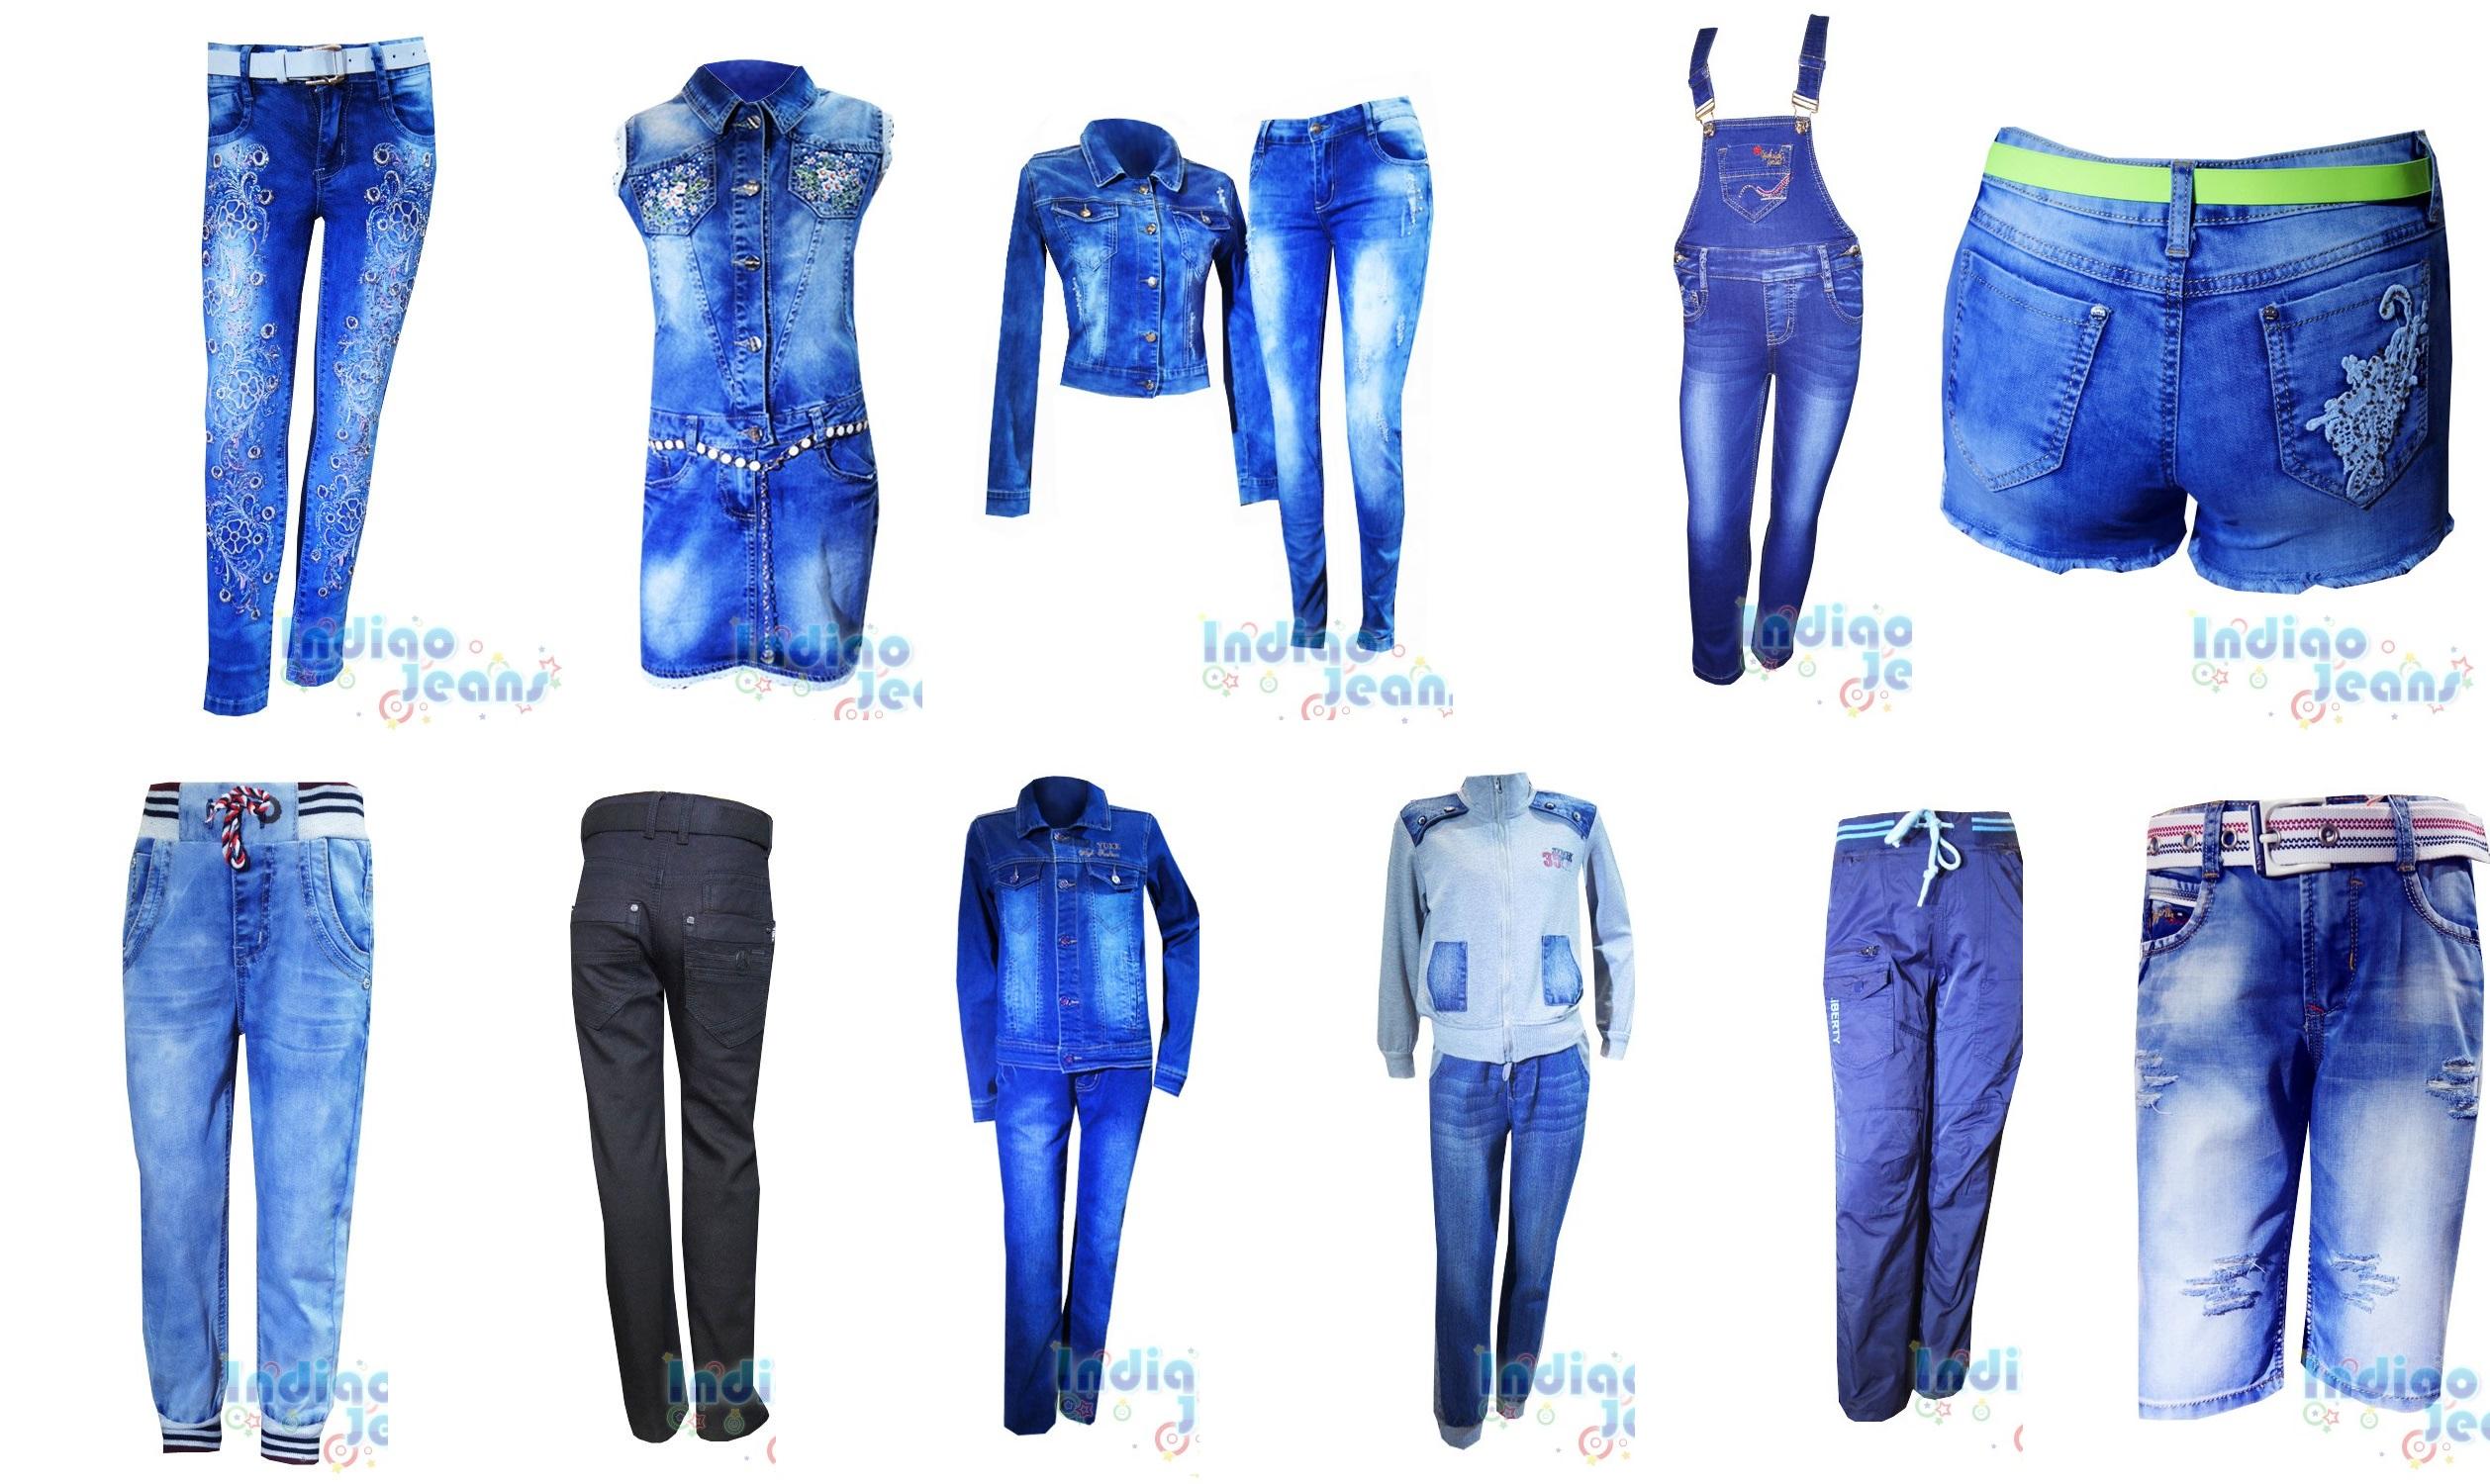 Джинсовый рай - 28! Огромный выбор утепленных джин, брюк, джинсовок... Школьный ассортимент. Верхняя одежда. От 74 до 176 р-ра. Без рядов!